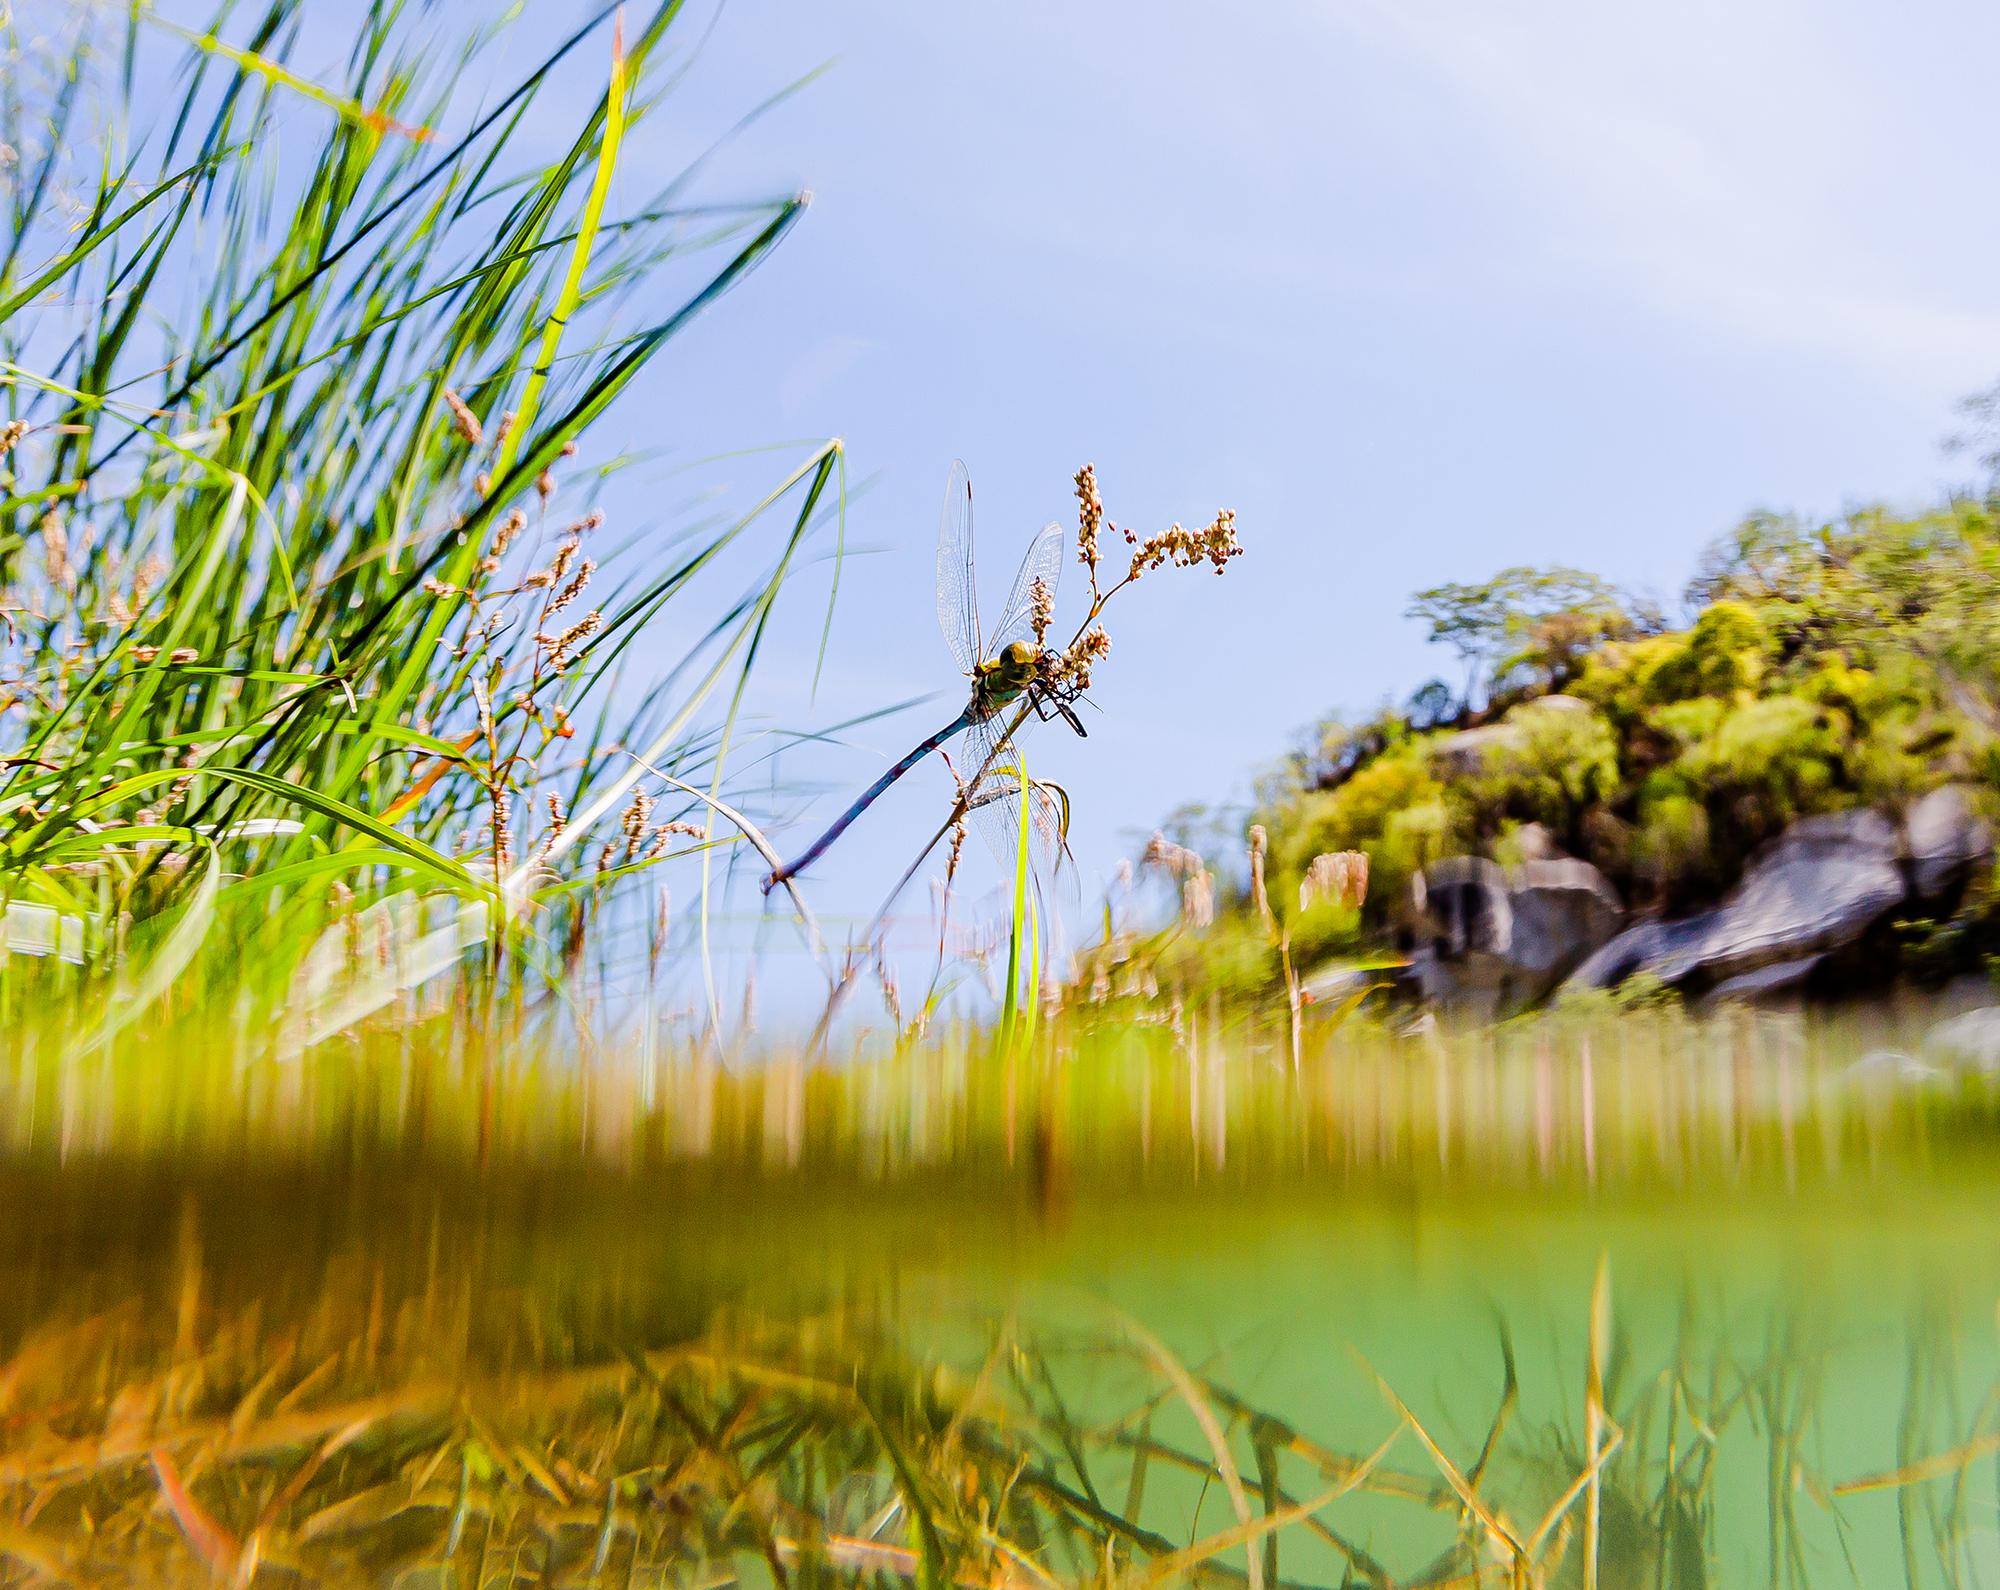 Galeria Nature imagen 8 Citlali Chalvignac